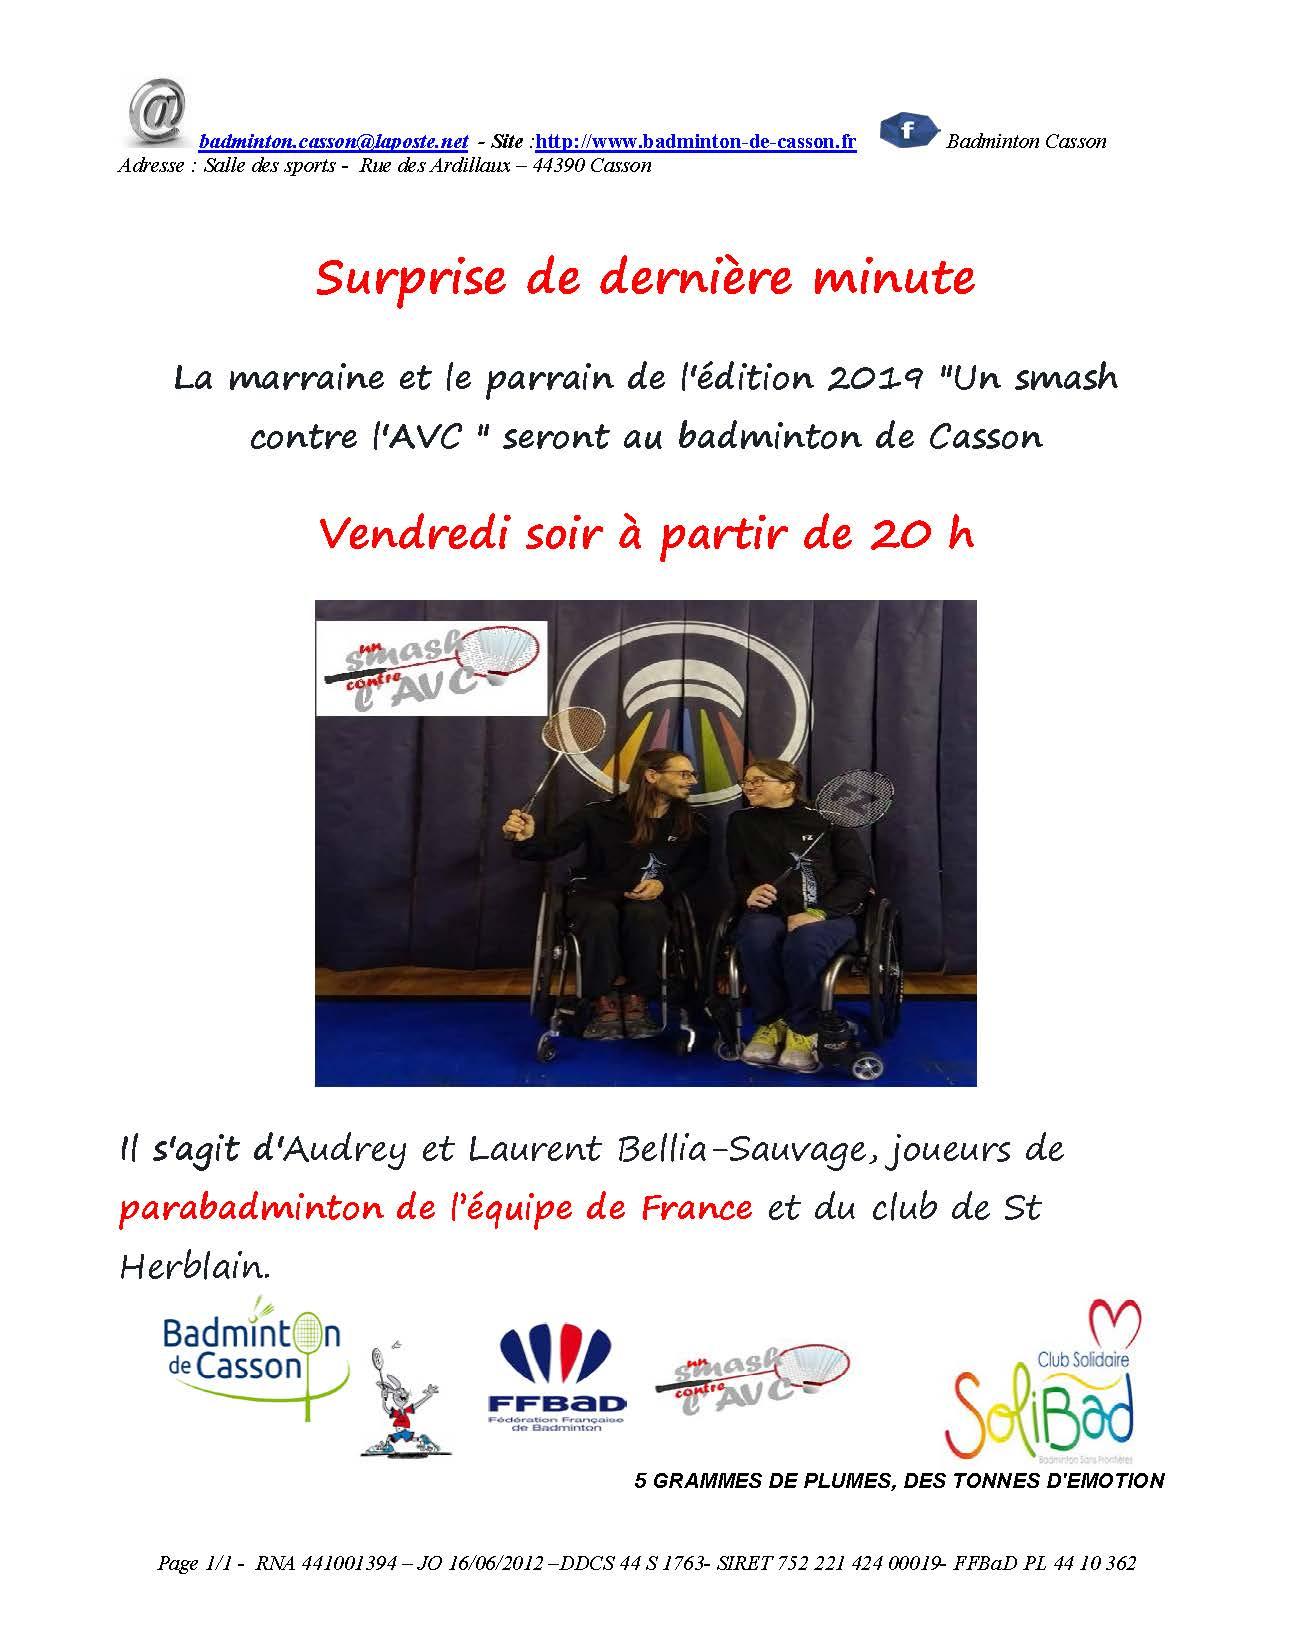 Surprise de derniere minutes - Audrey et Laurent a Casson